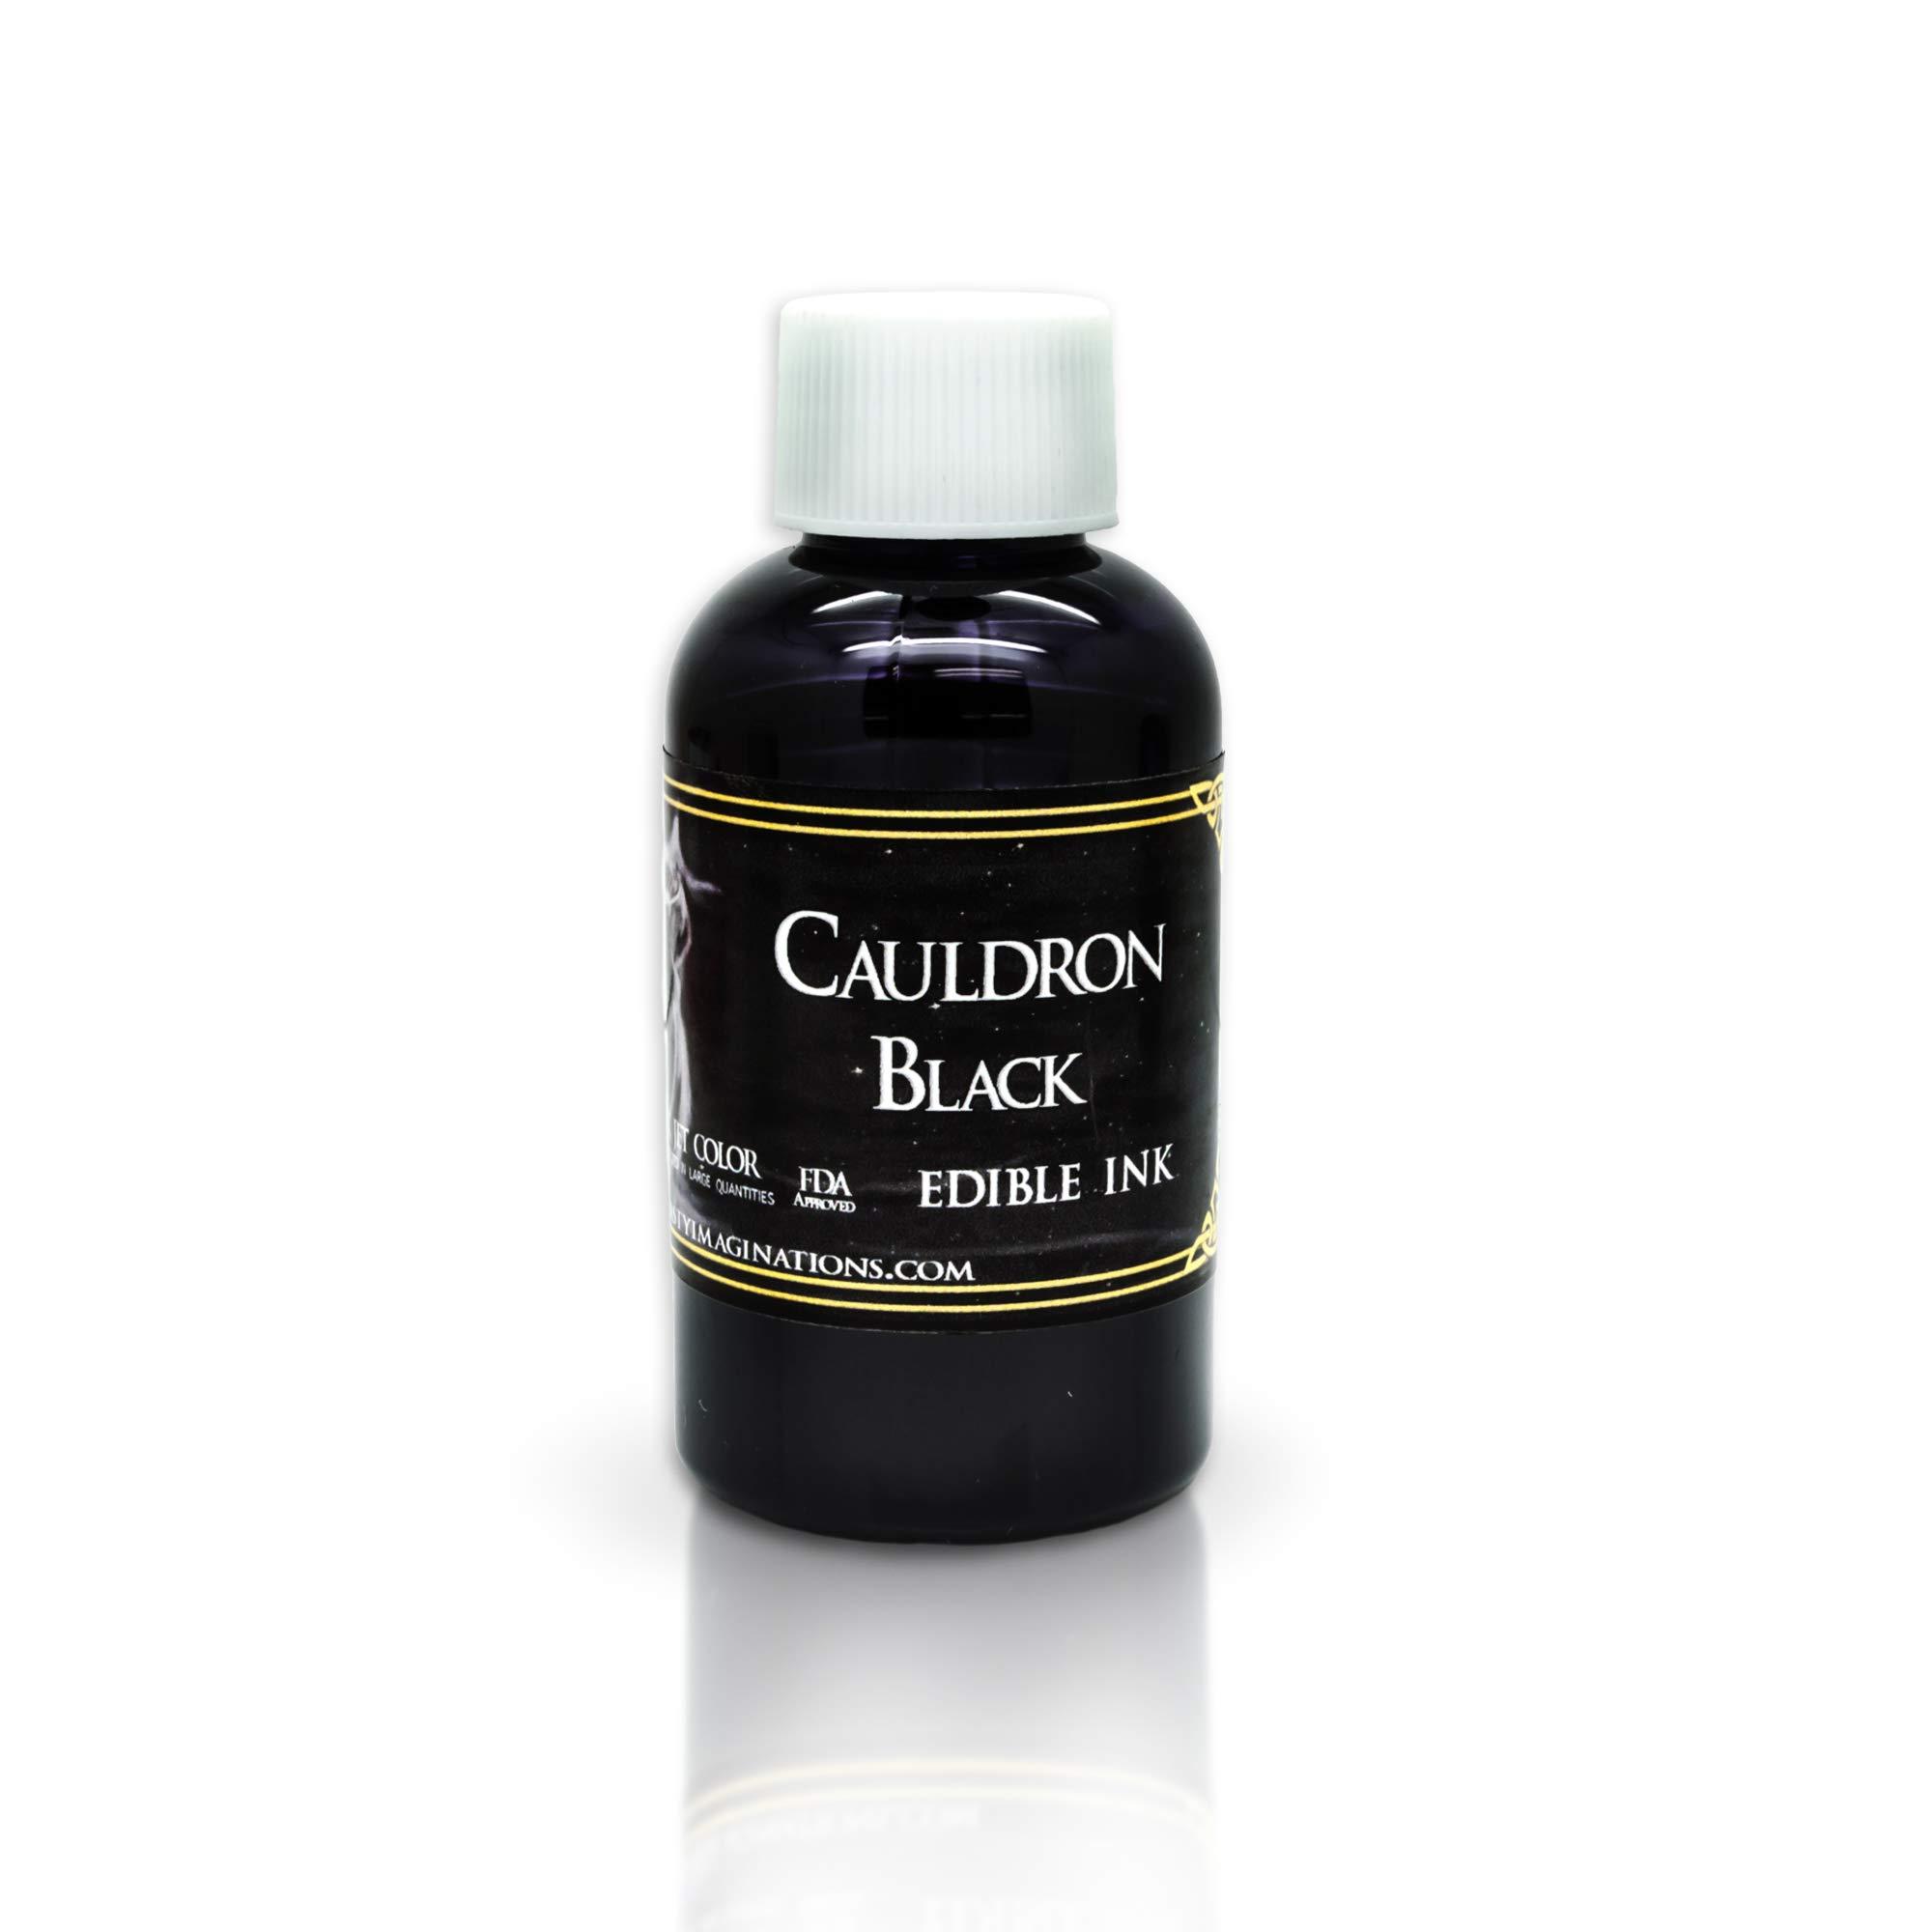 Edible Ink Replenishment Kit Refill - Black - 4oz - Bottles